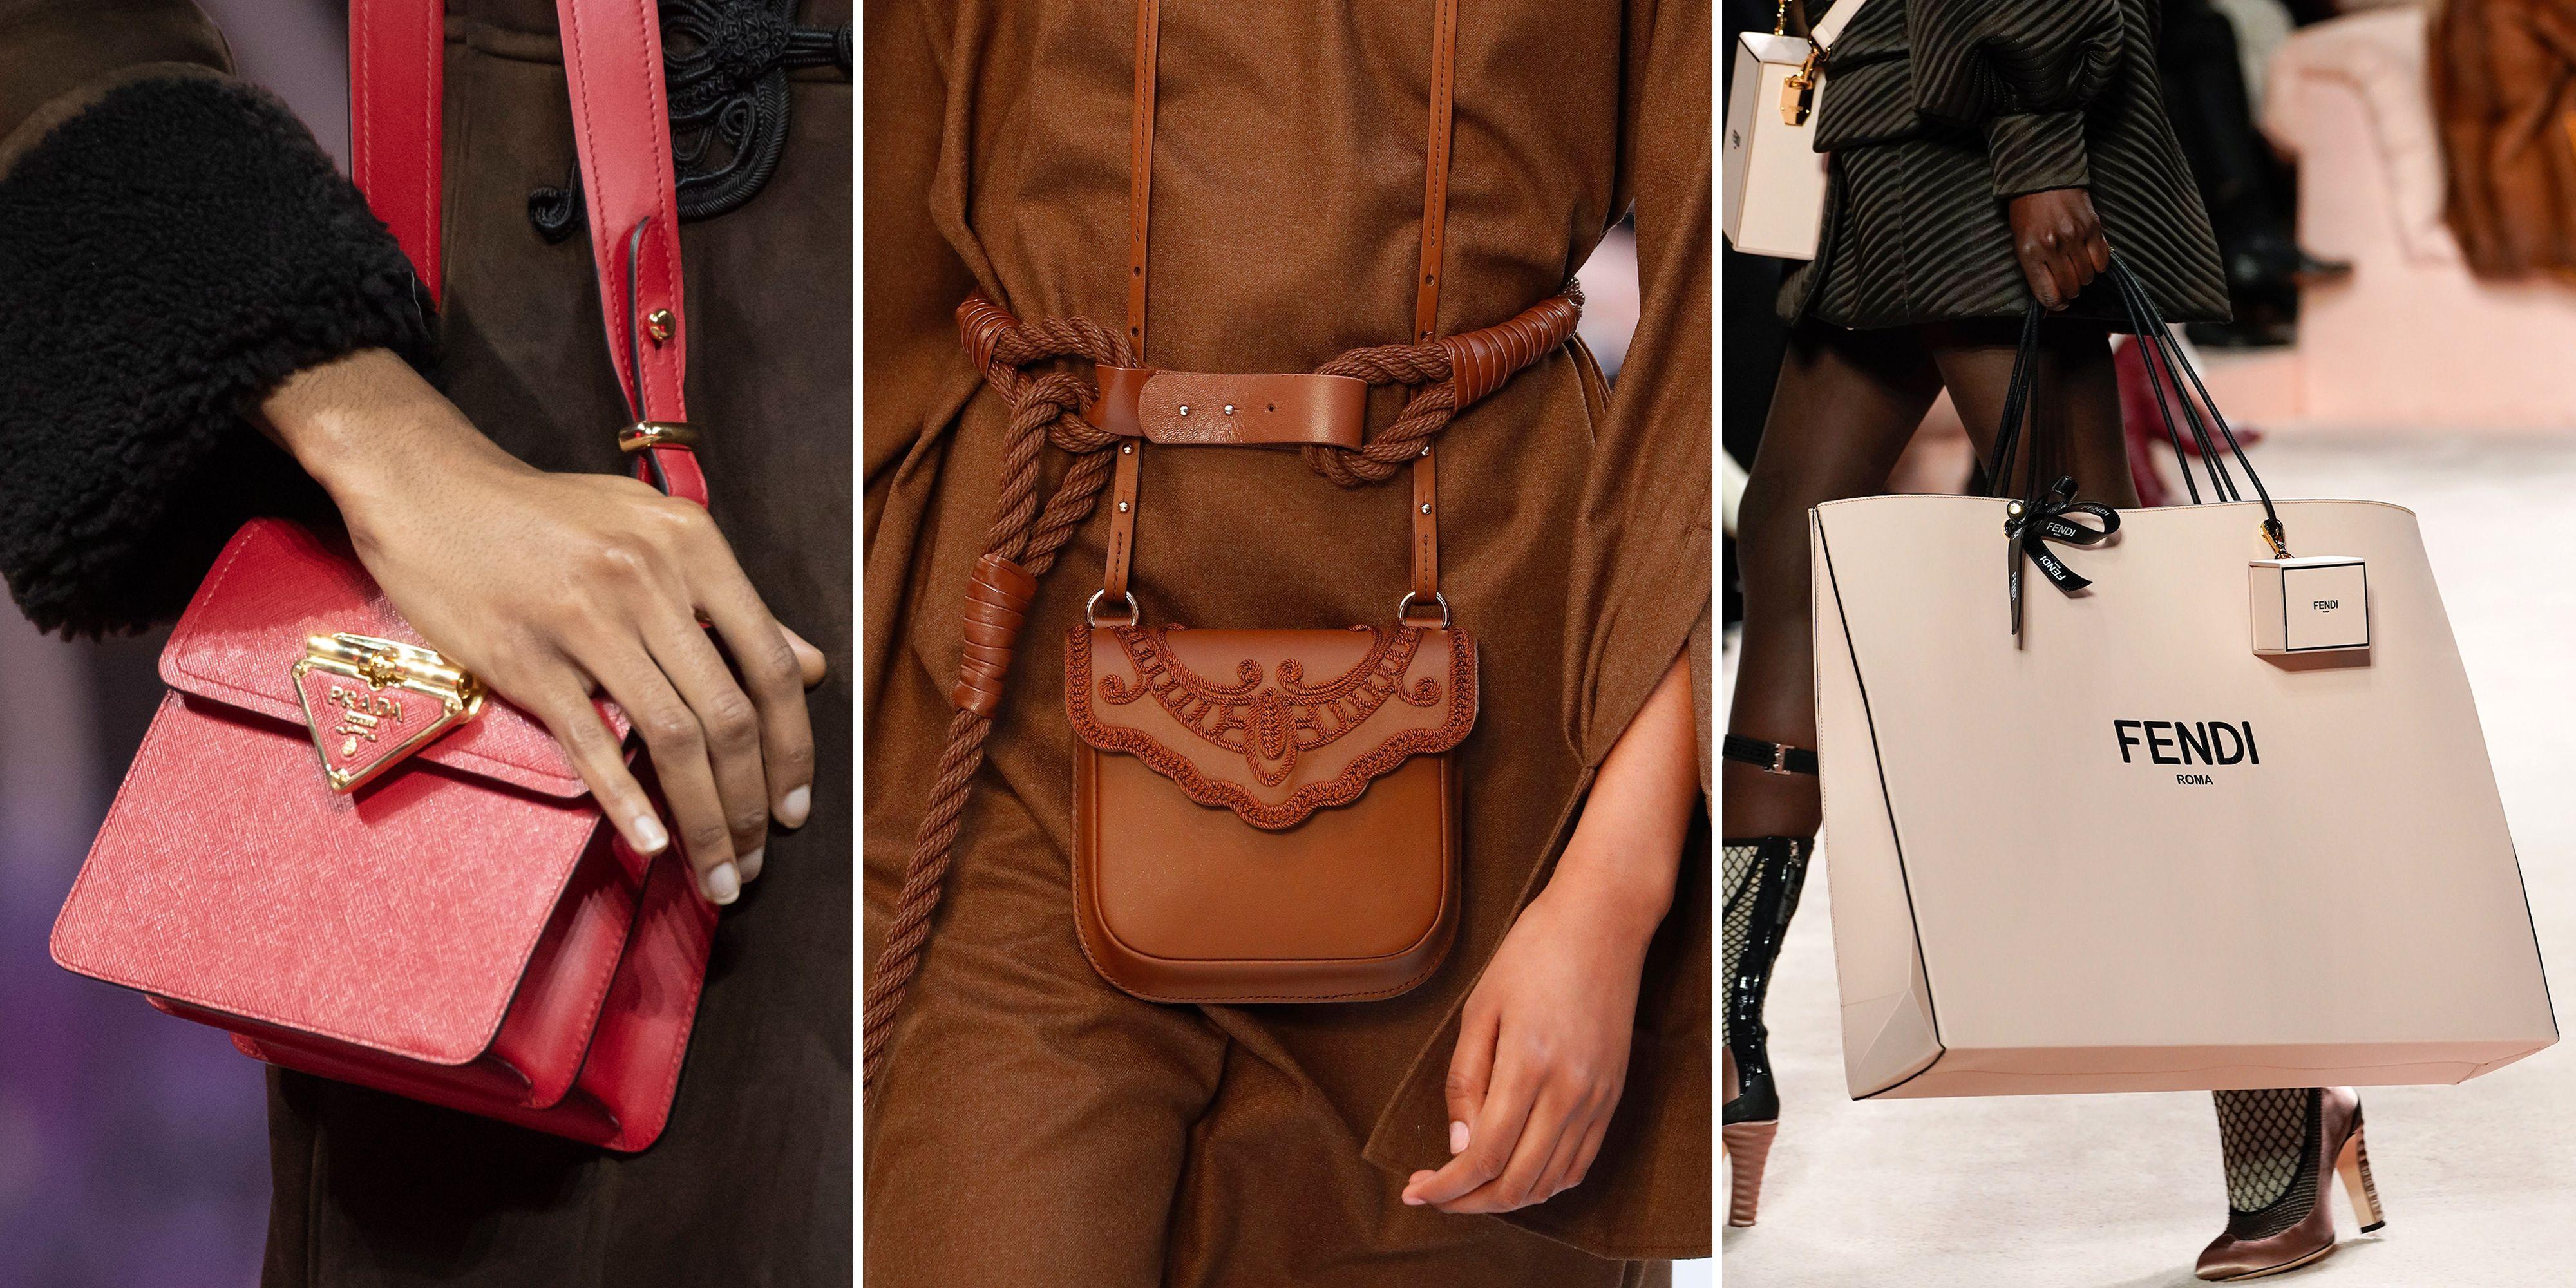 Milan's Best Bags: Bottega Veneta, Prada, and Gucci